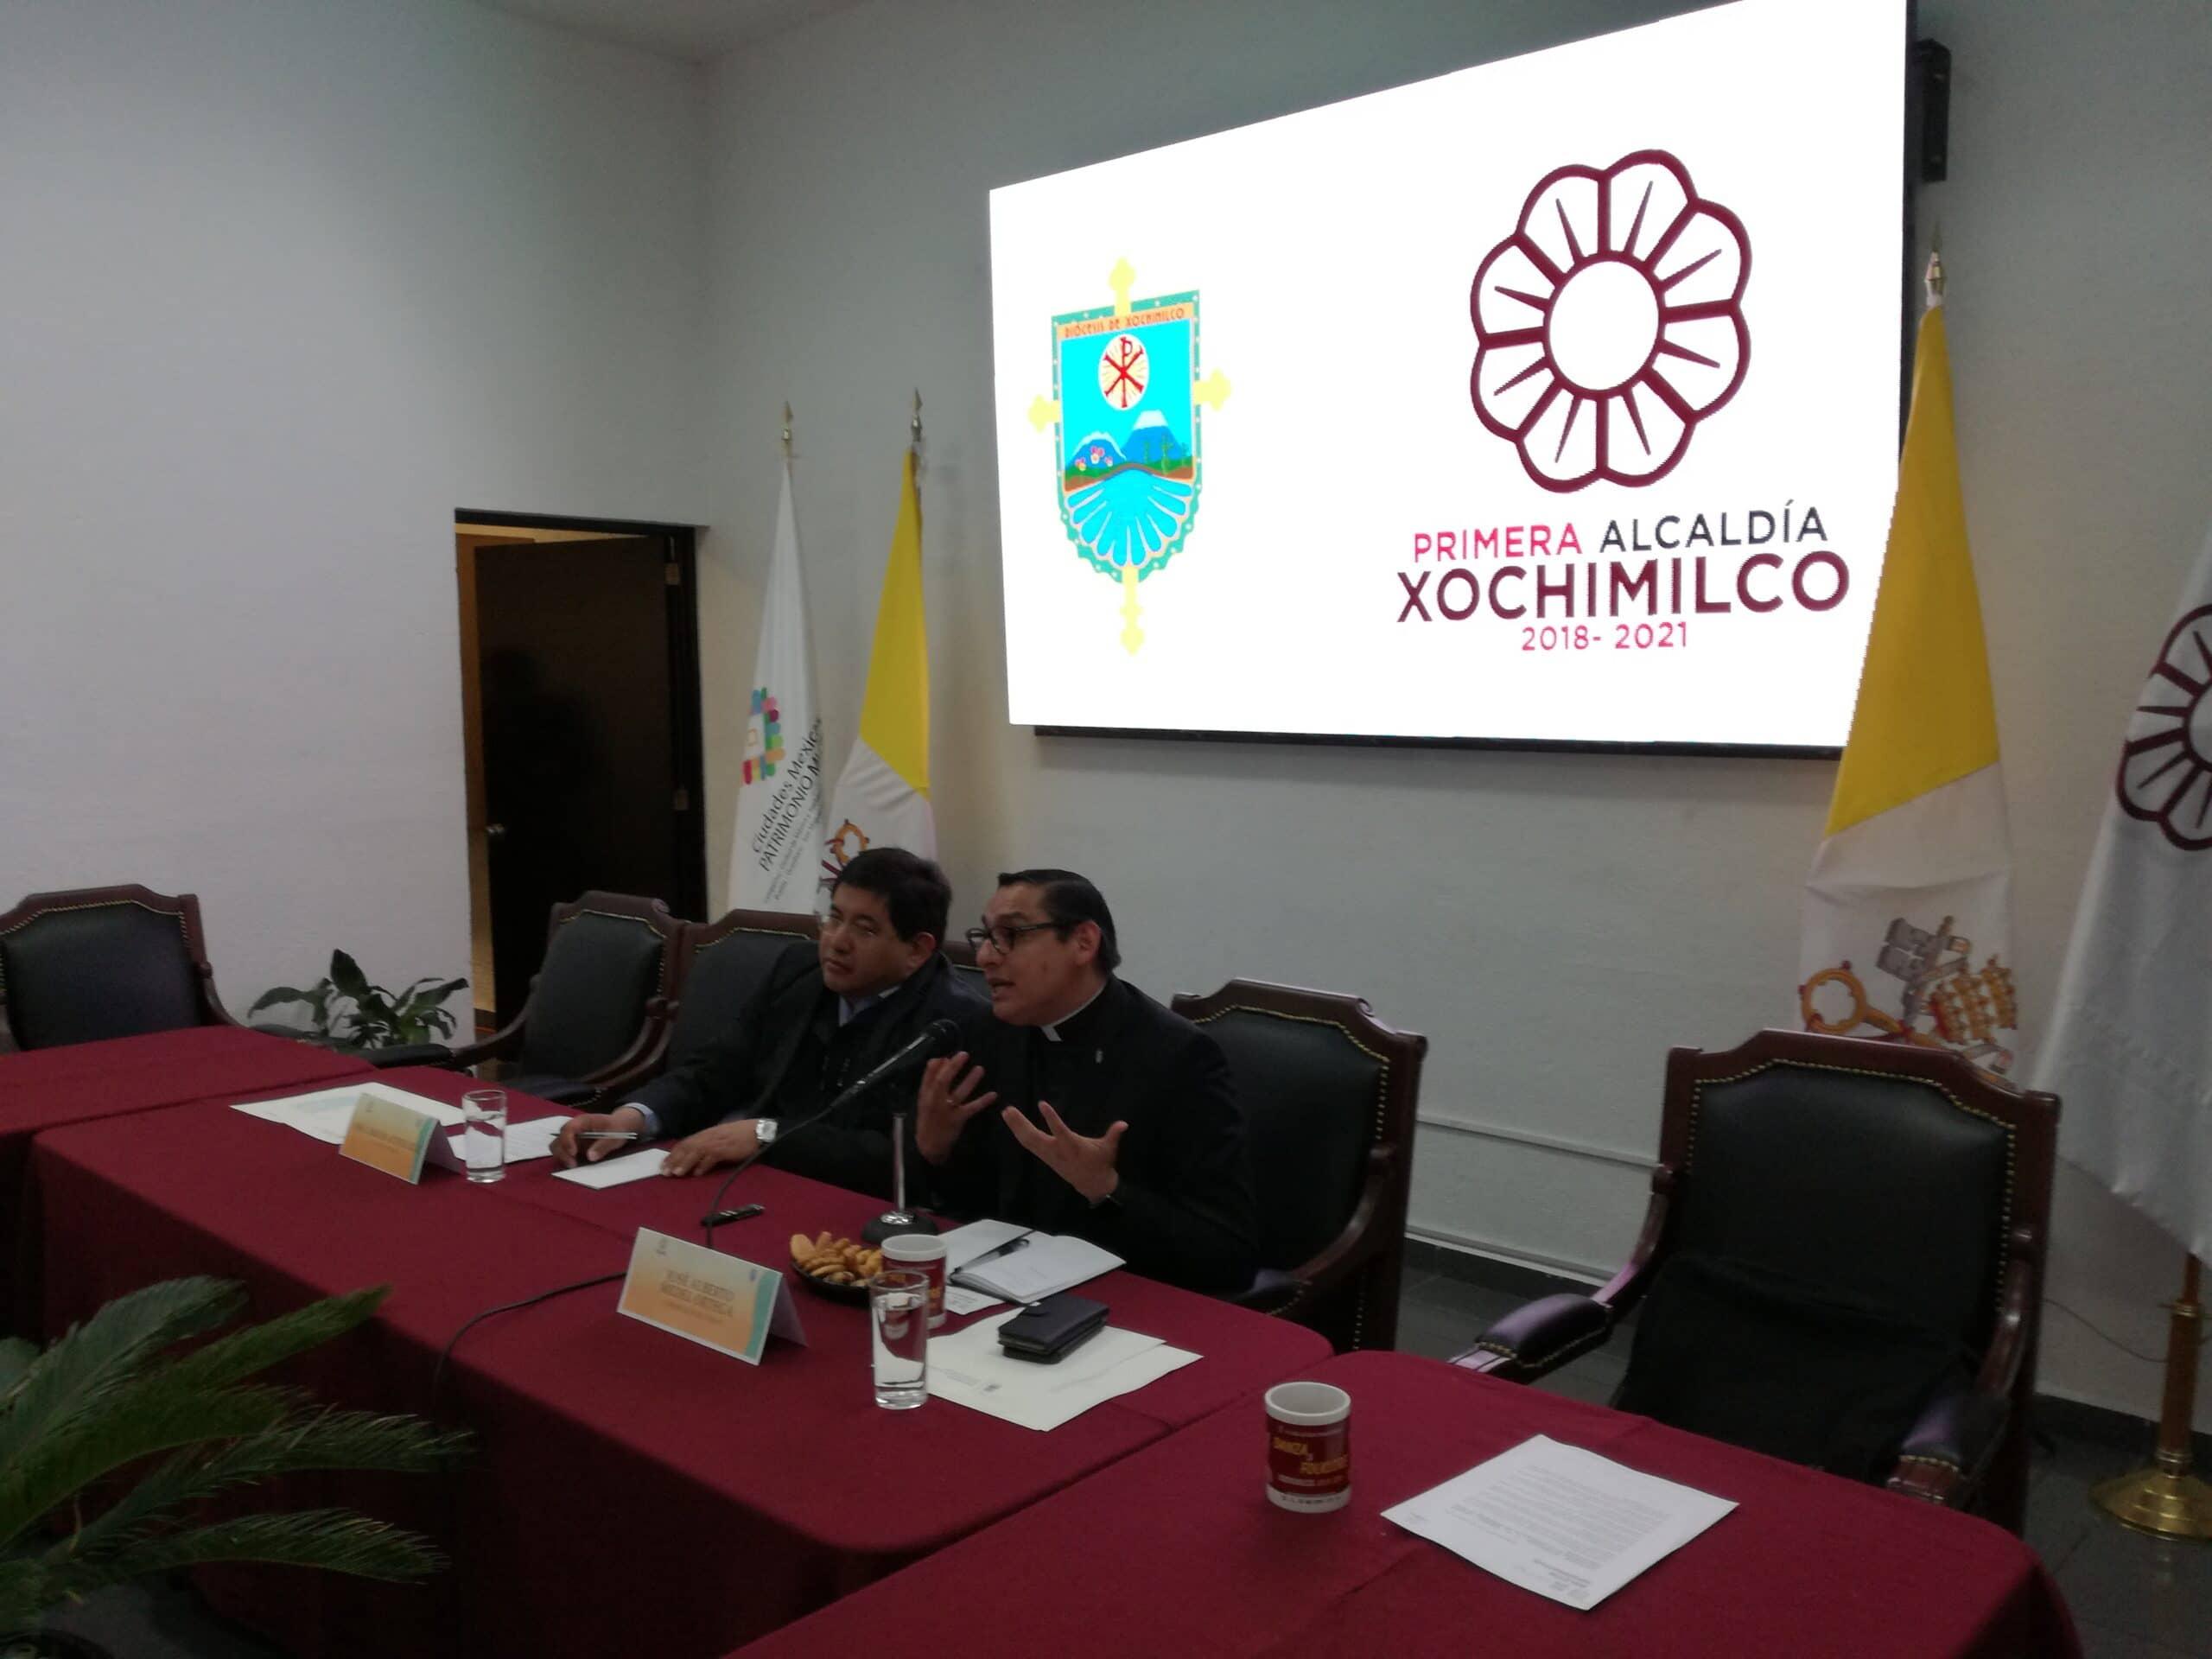 Conferencia de Prensa Xochimilco